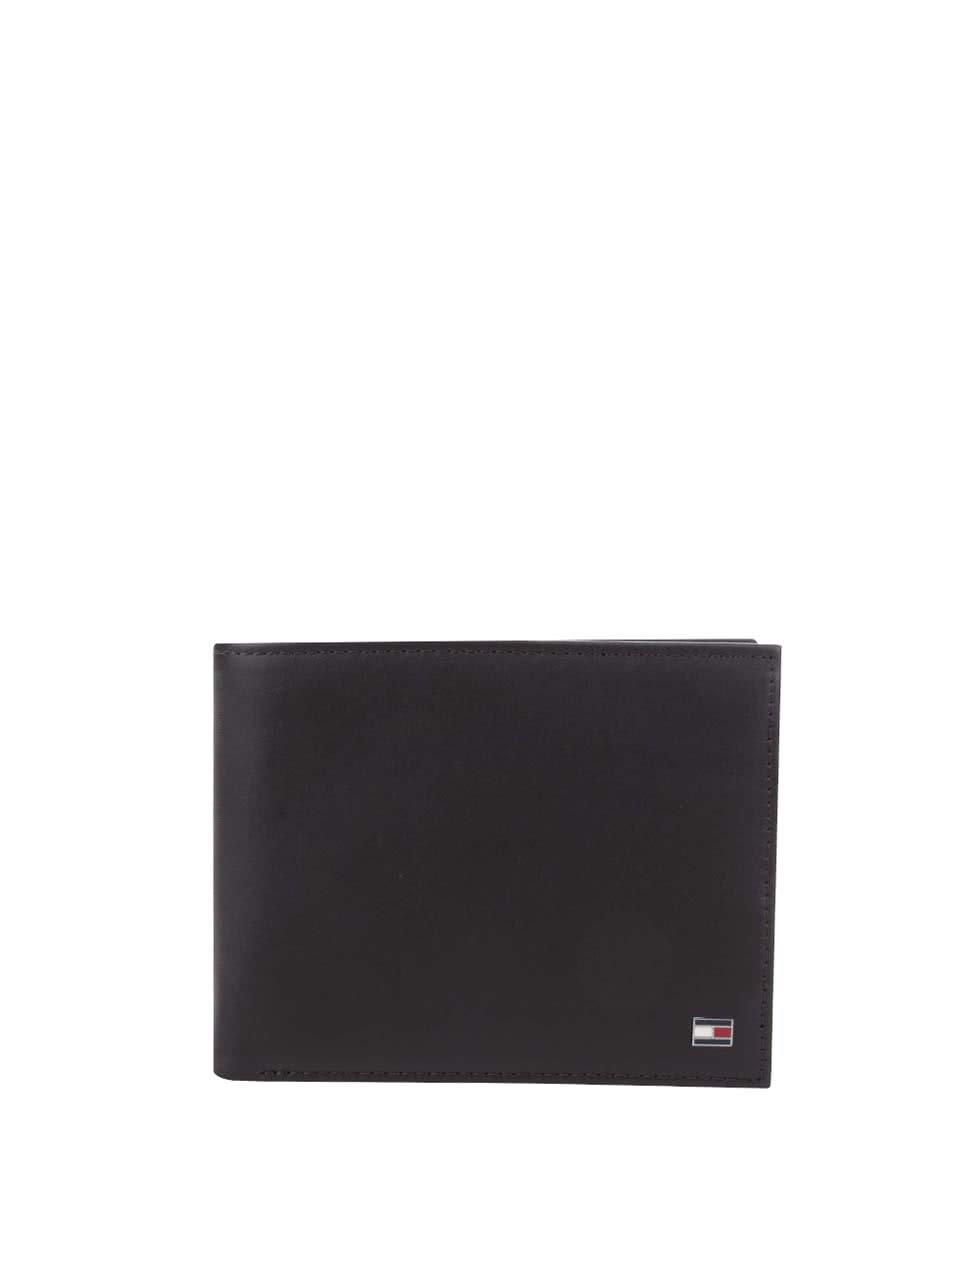 Tmavě hnědá větší pánská kožená peněženka Tommy Hilfiger